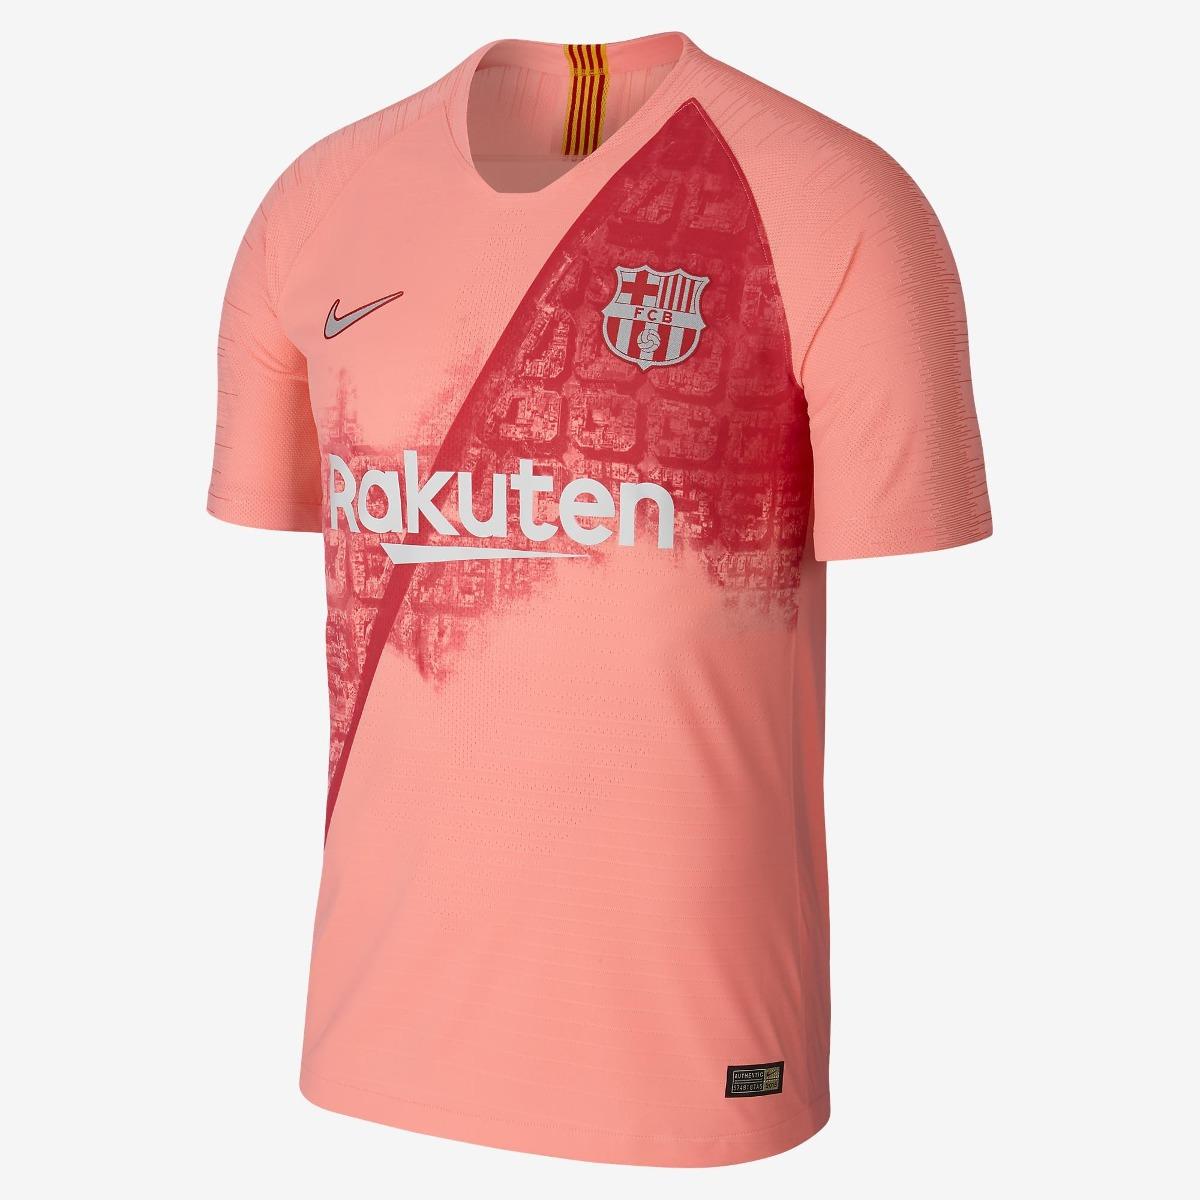 16df1e68fb nova camiseta do barcelona - nike - rosa - modelo 2018 /2019. Carregando  zoom.